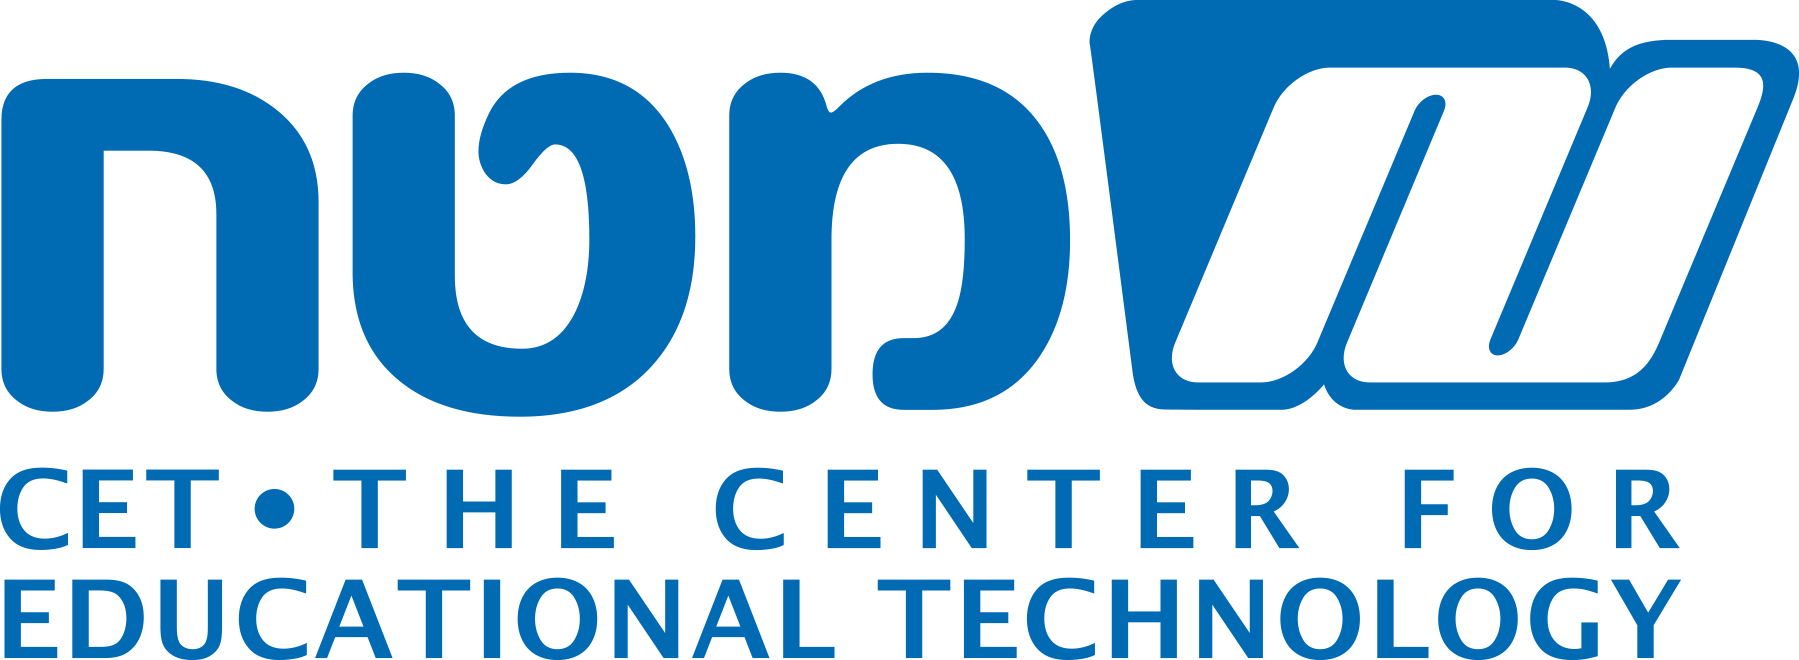 לוגו מטח באנגלית צבע כחול